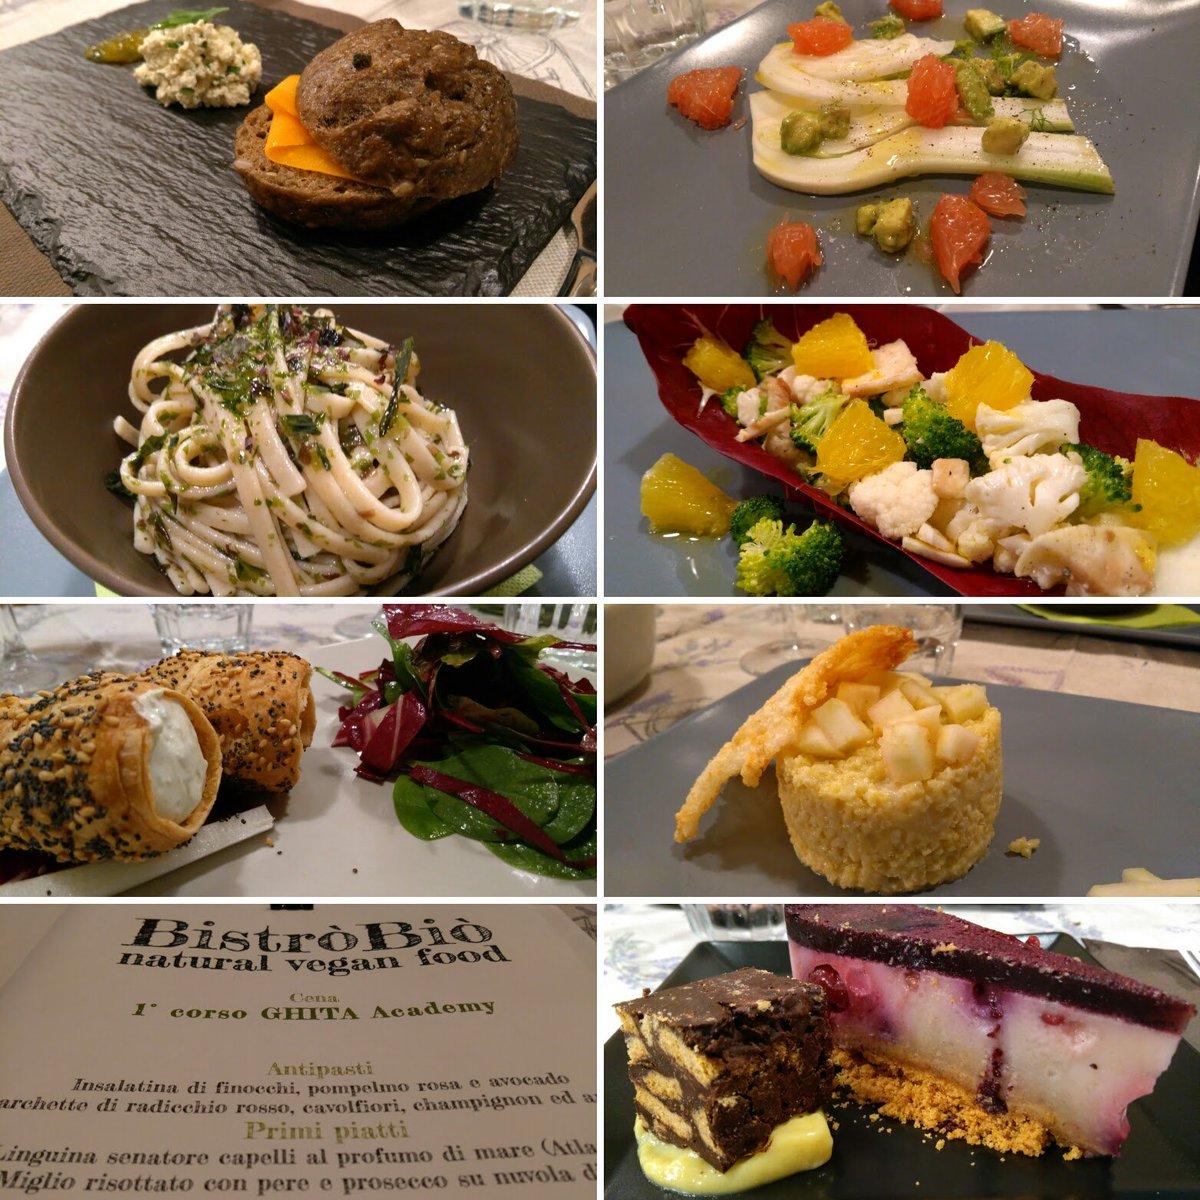 primo corso ghita academy di milano altacucina per chef ristorazione vegan